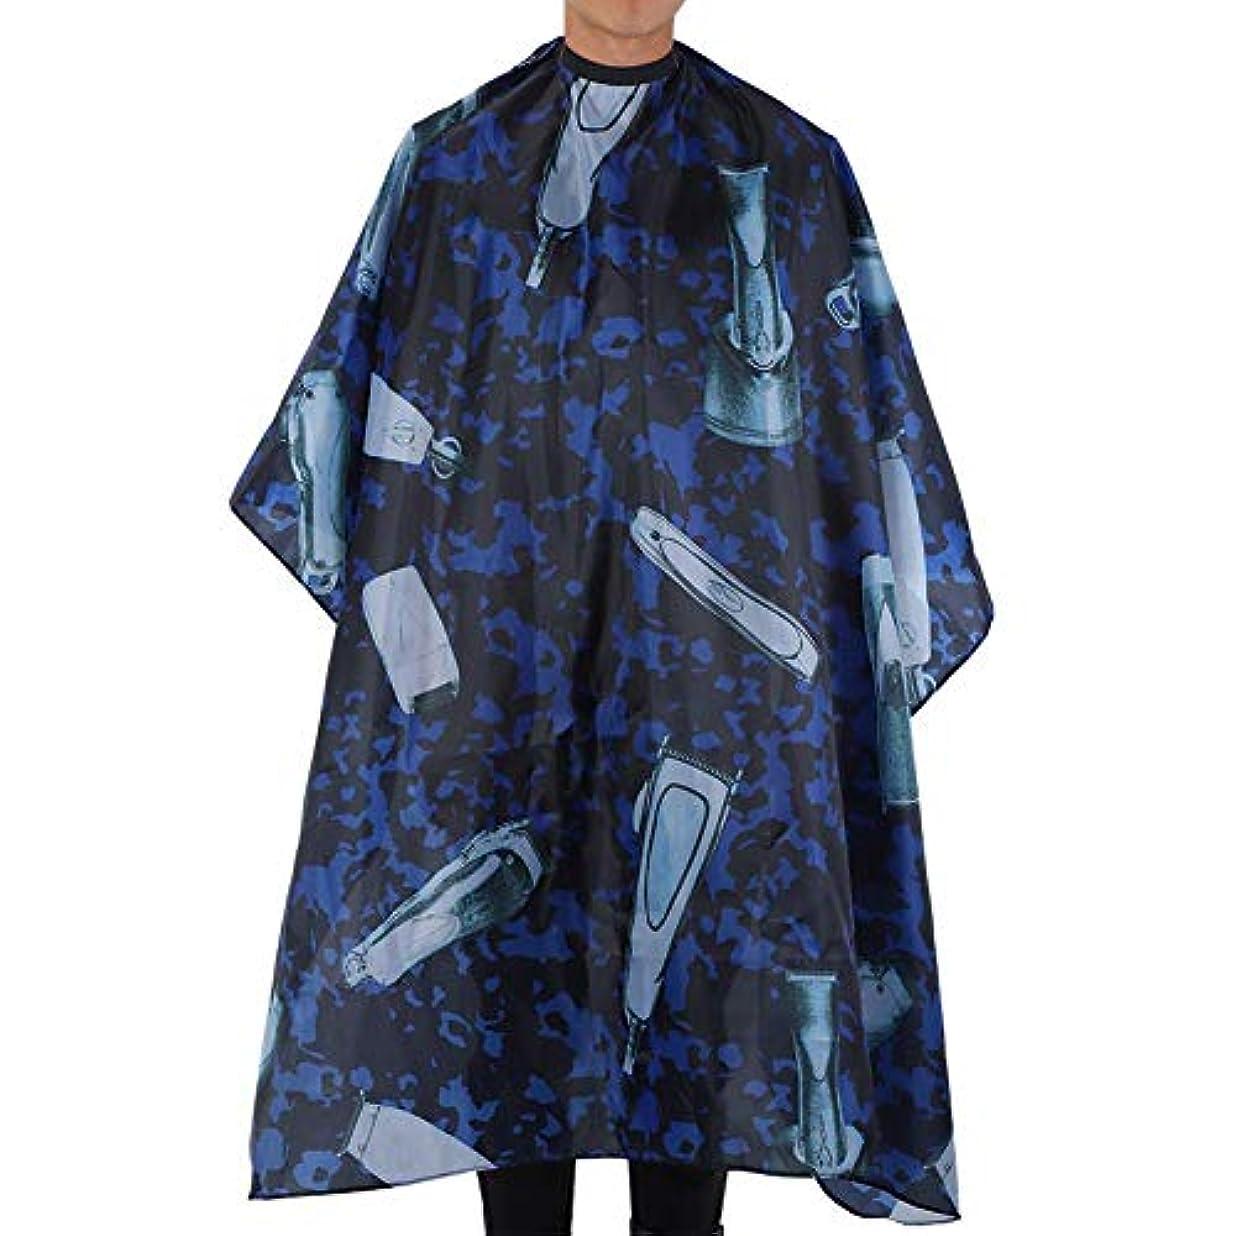 比較解放する低下プロのサロンケープ、理髪店(160 x 140 cm)の理髪エプロン髪カット染色ガウンケープ(青)